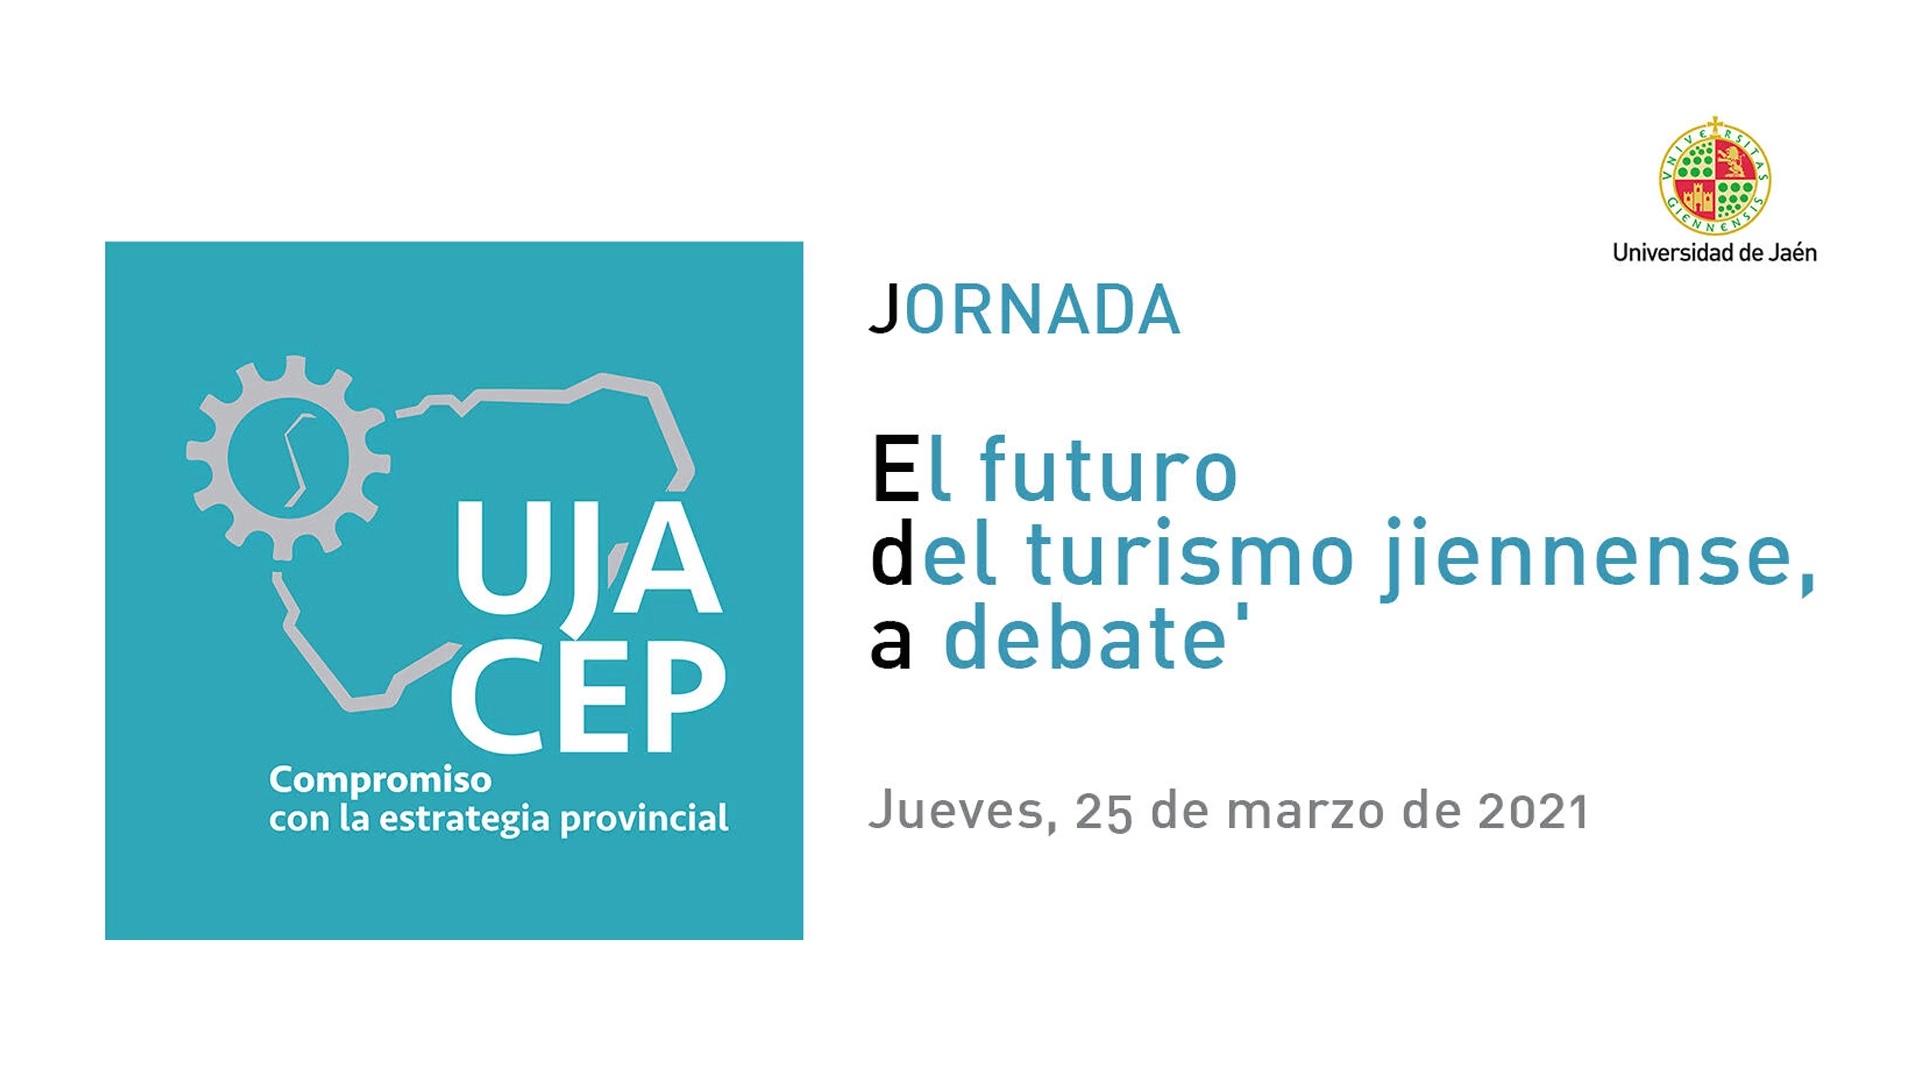 Jornada 'El futuro del turismo jiennense a debate'